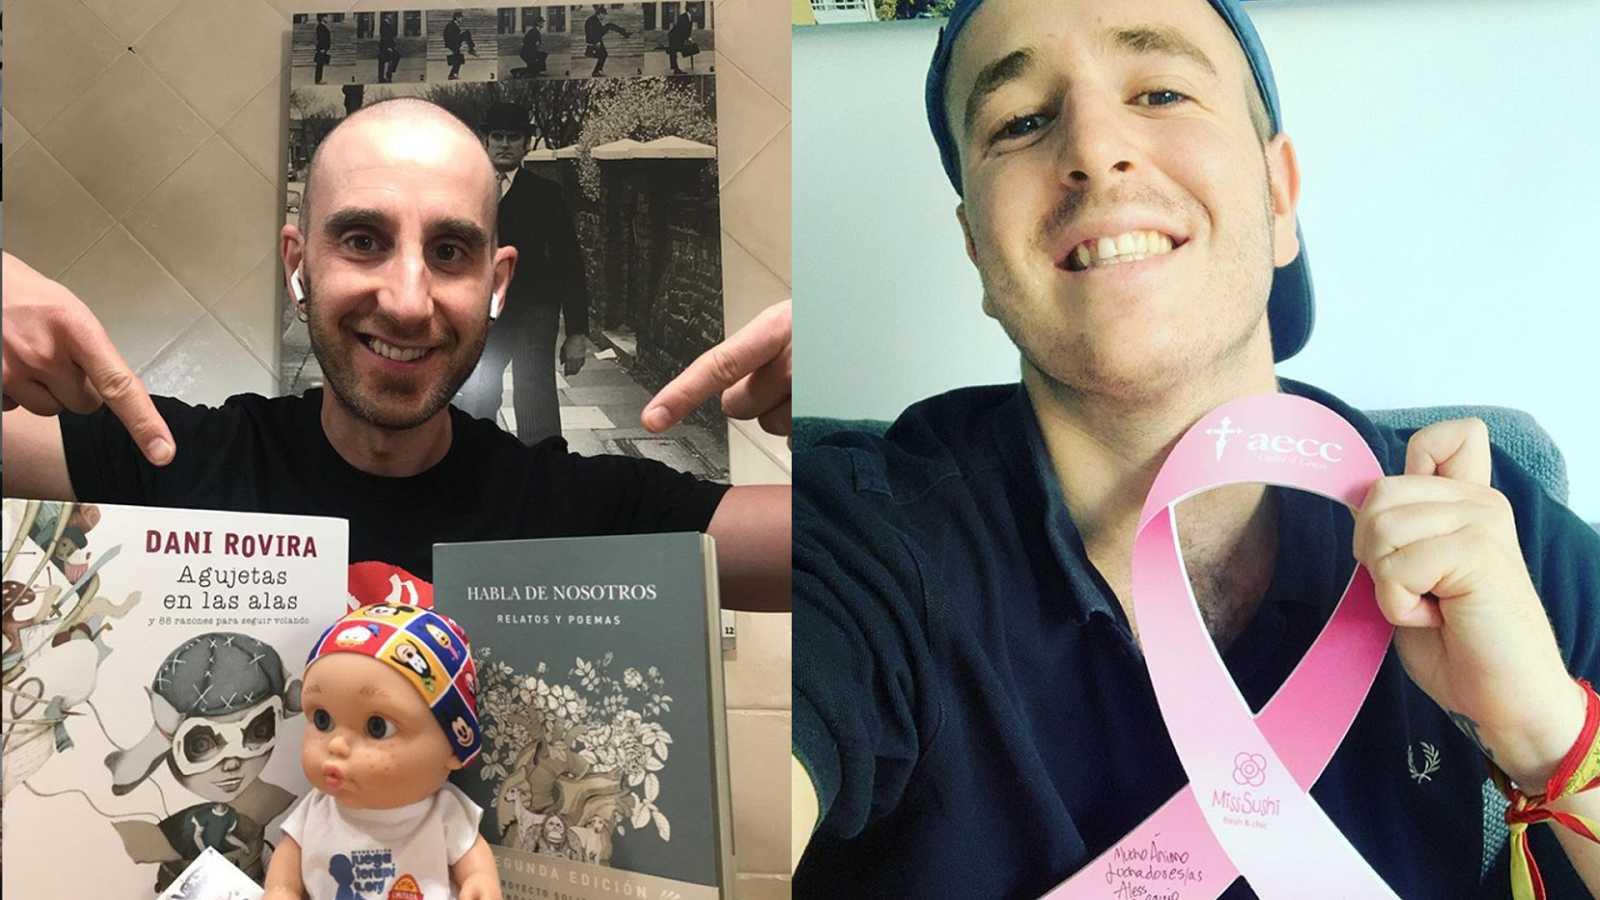 Dani Rovira lamenta la pérdida de Álex Lequio, el hijo de Ana Obregón que fallecía ayer víctima de un cáncer